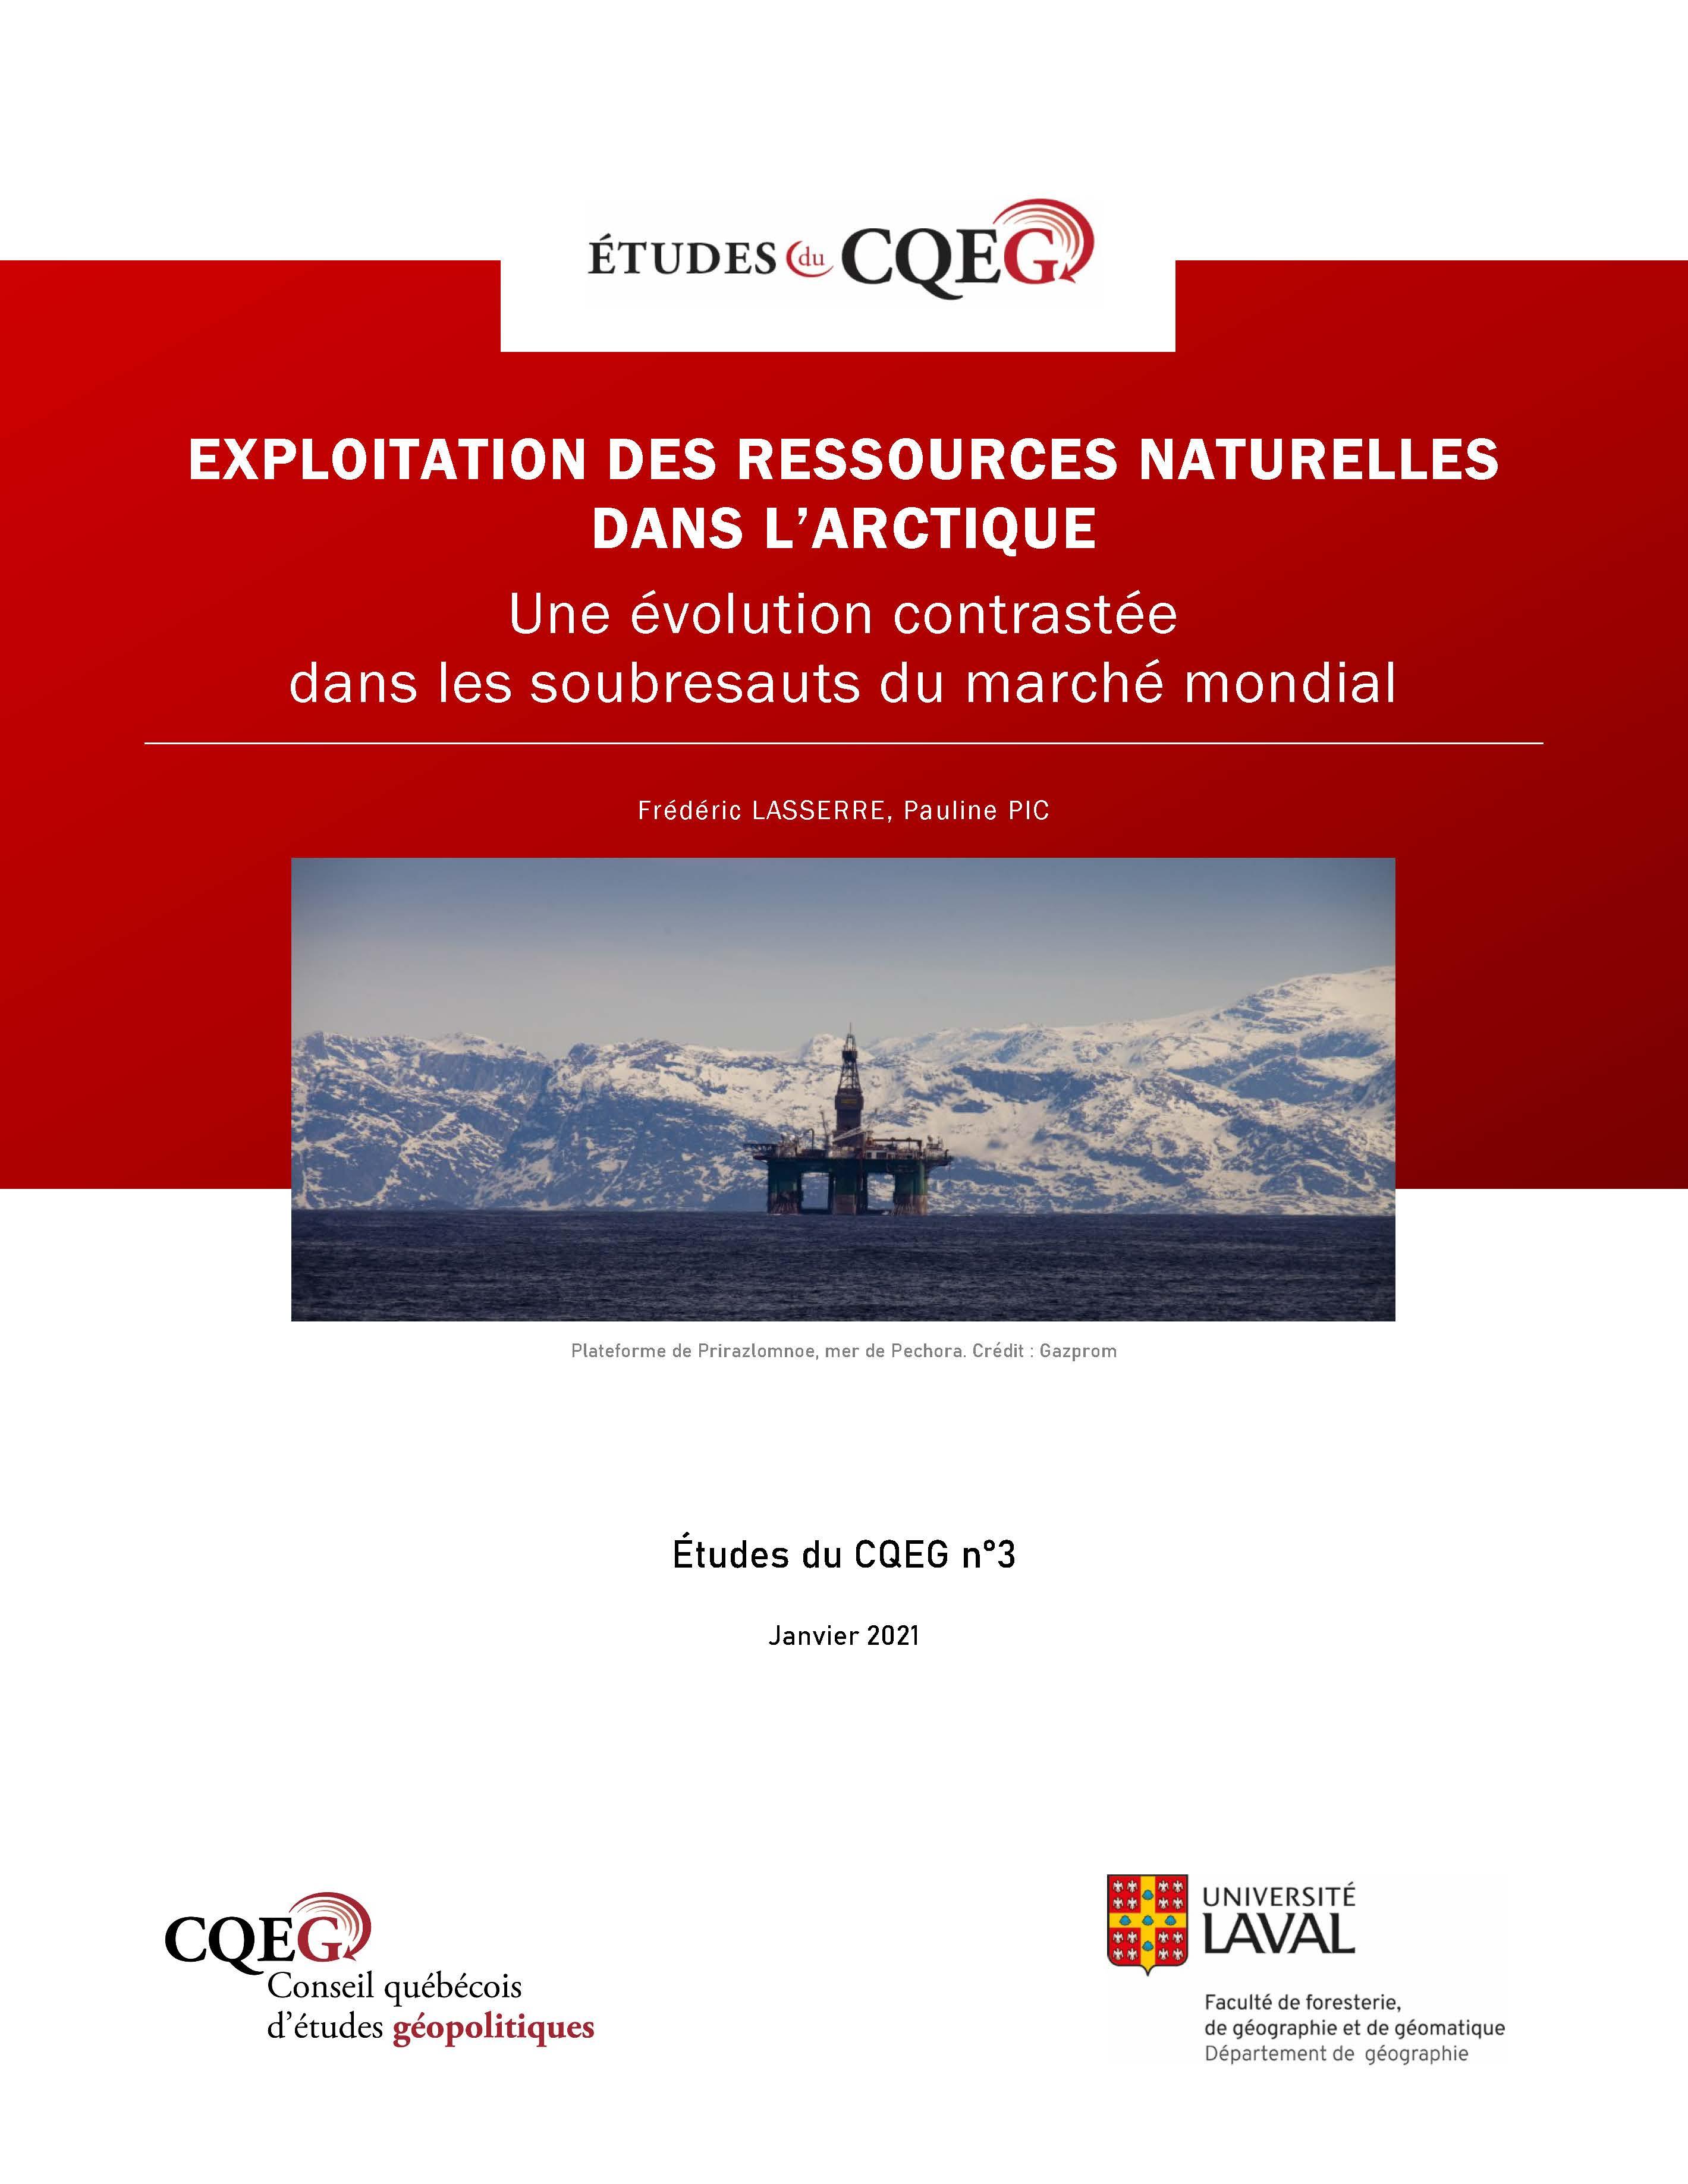 Etudes CQEG RN Arctique jan 2021_Page_01